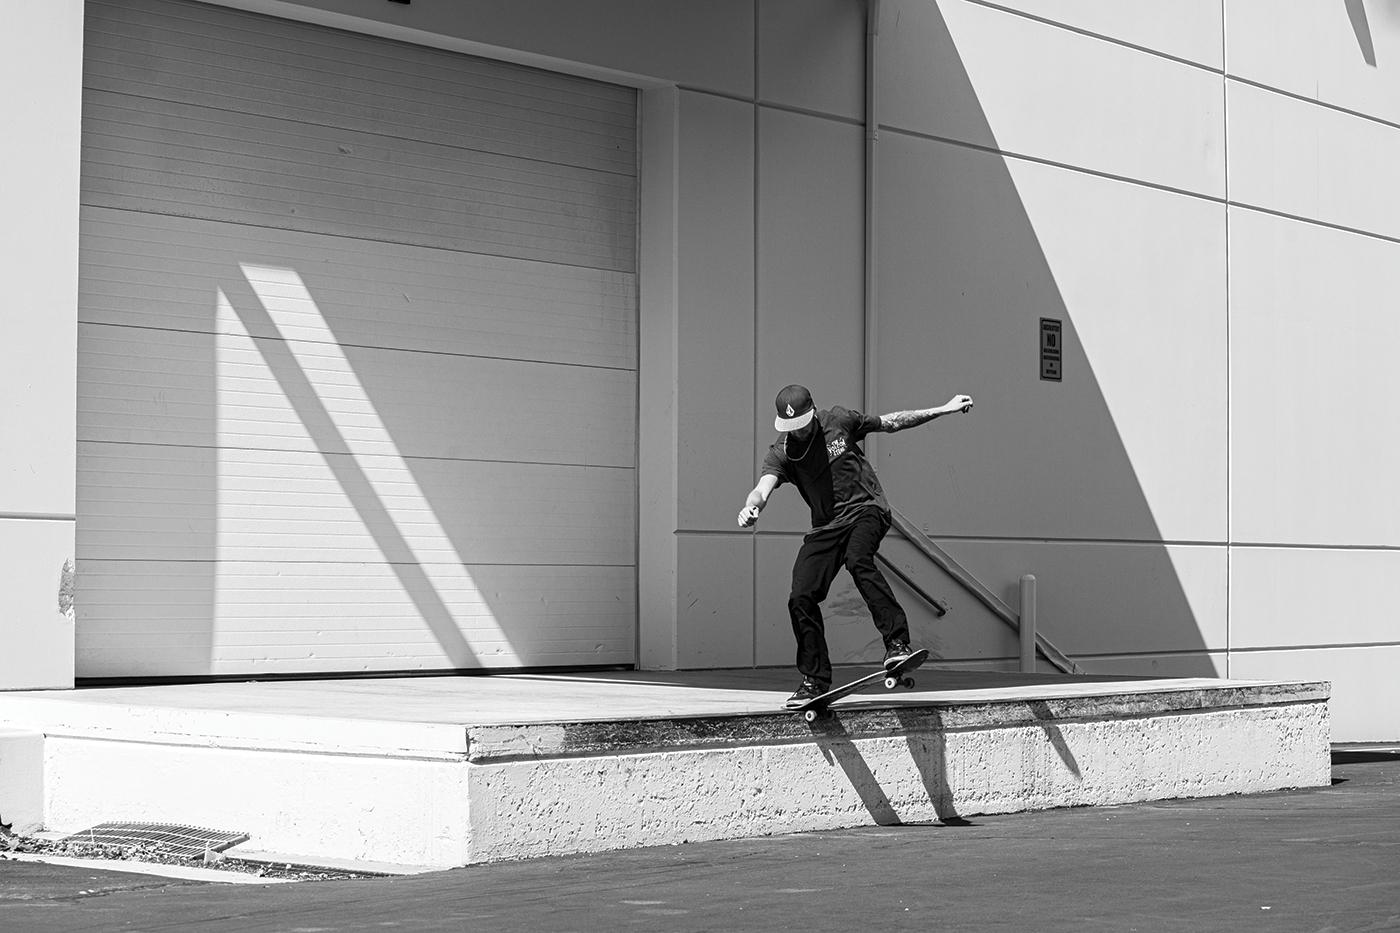 Shay Despain – Noseslide – SLC, Utah.